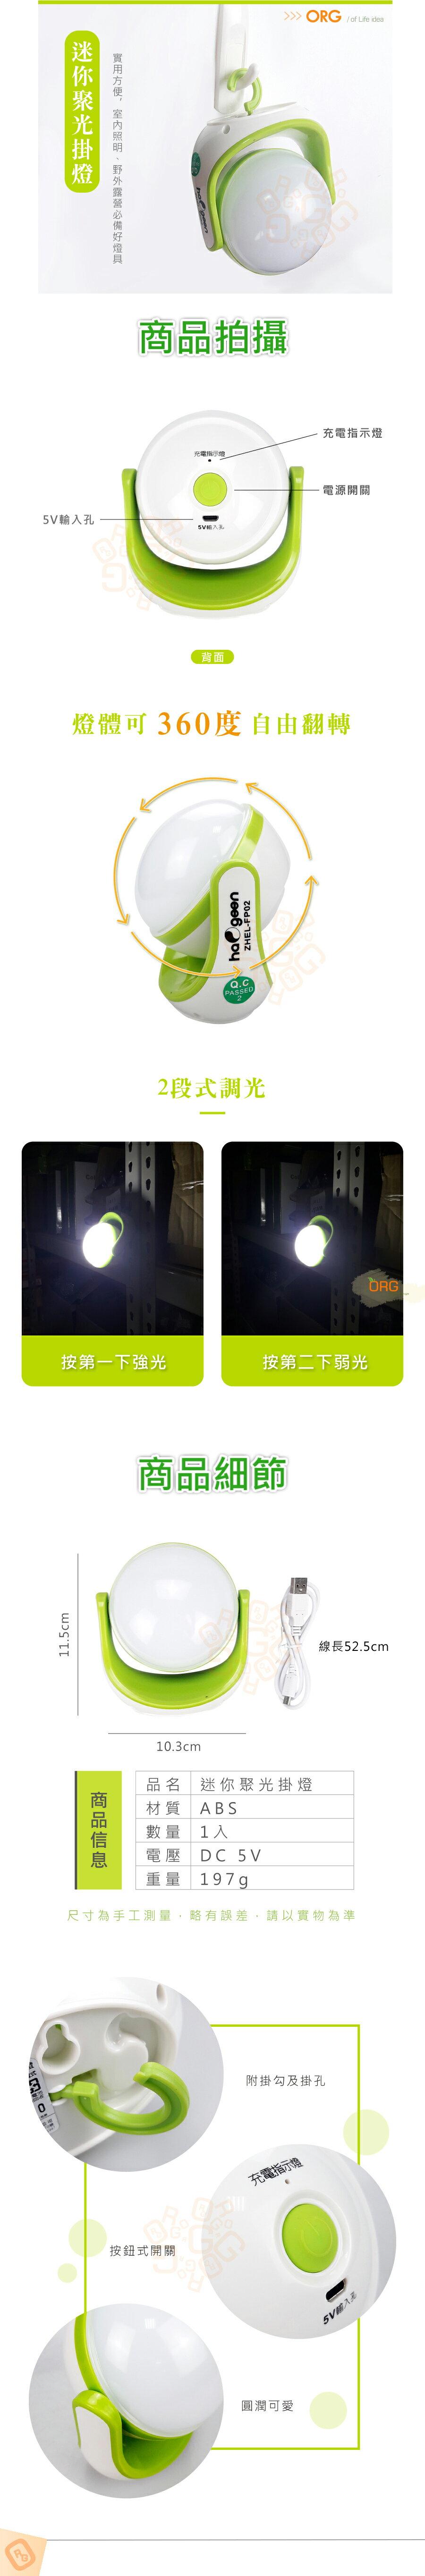 ORG《SD1863e》充電式~360度旋轉 超聚光 露營燈 吊掛燈 手提燈 緊急照明燈 強光手電筒 手電筒 移動掛燈 1